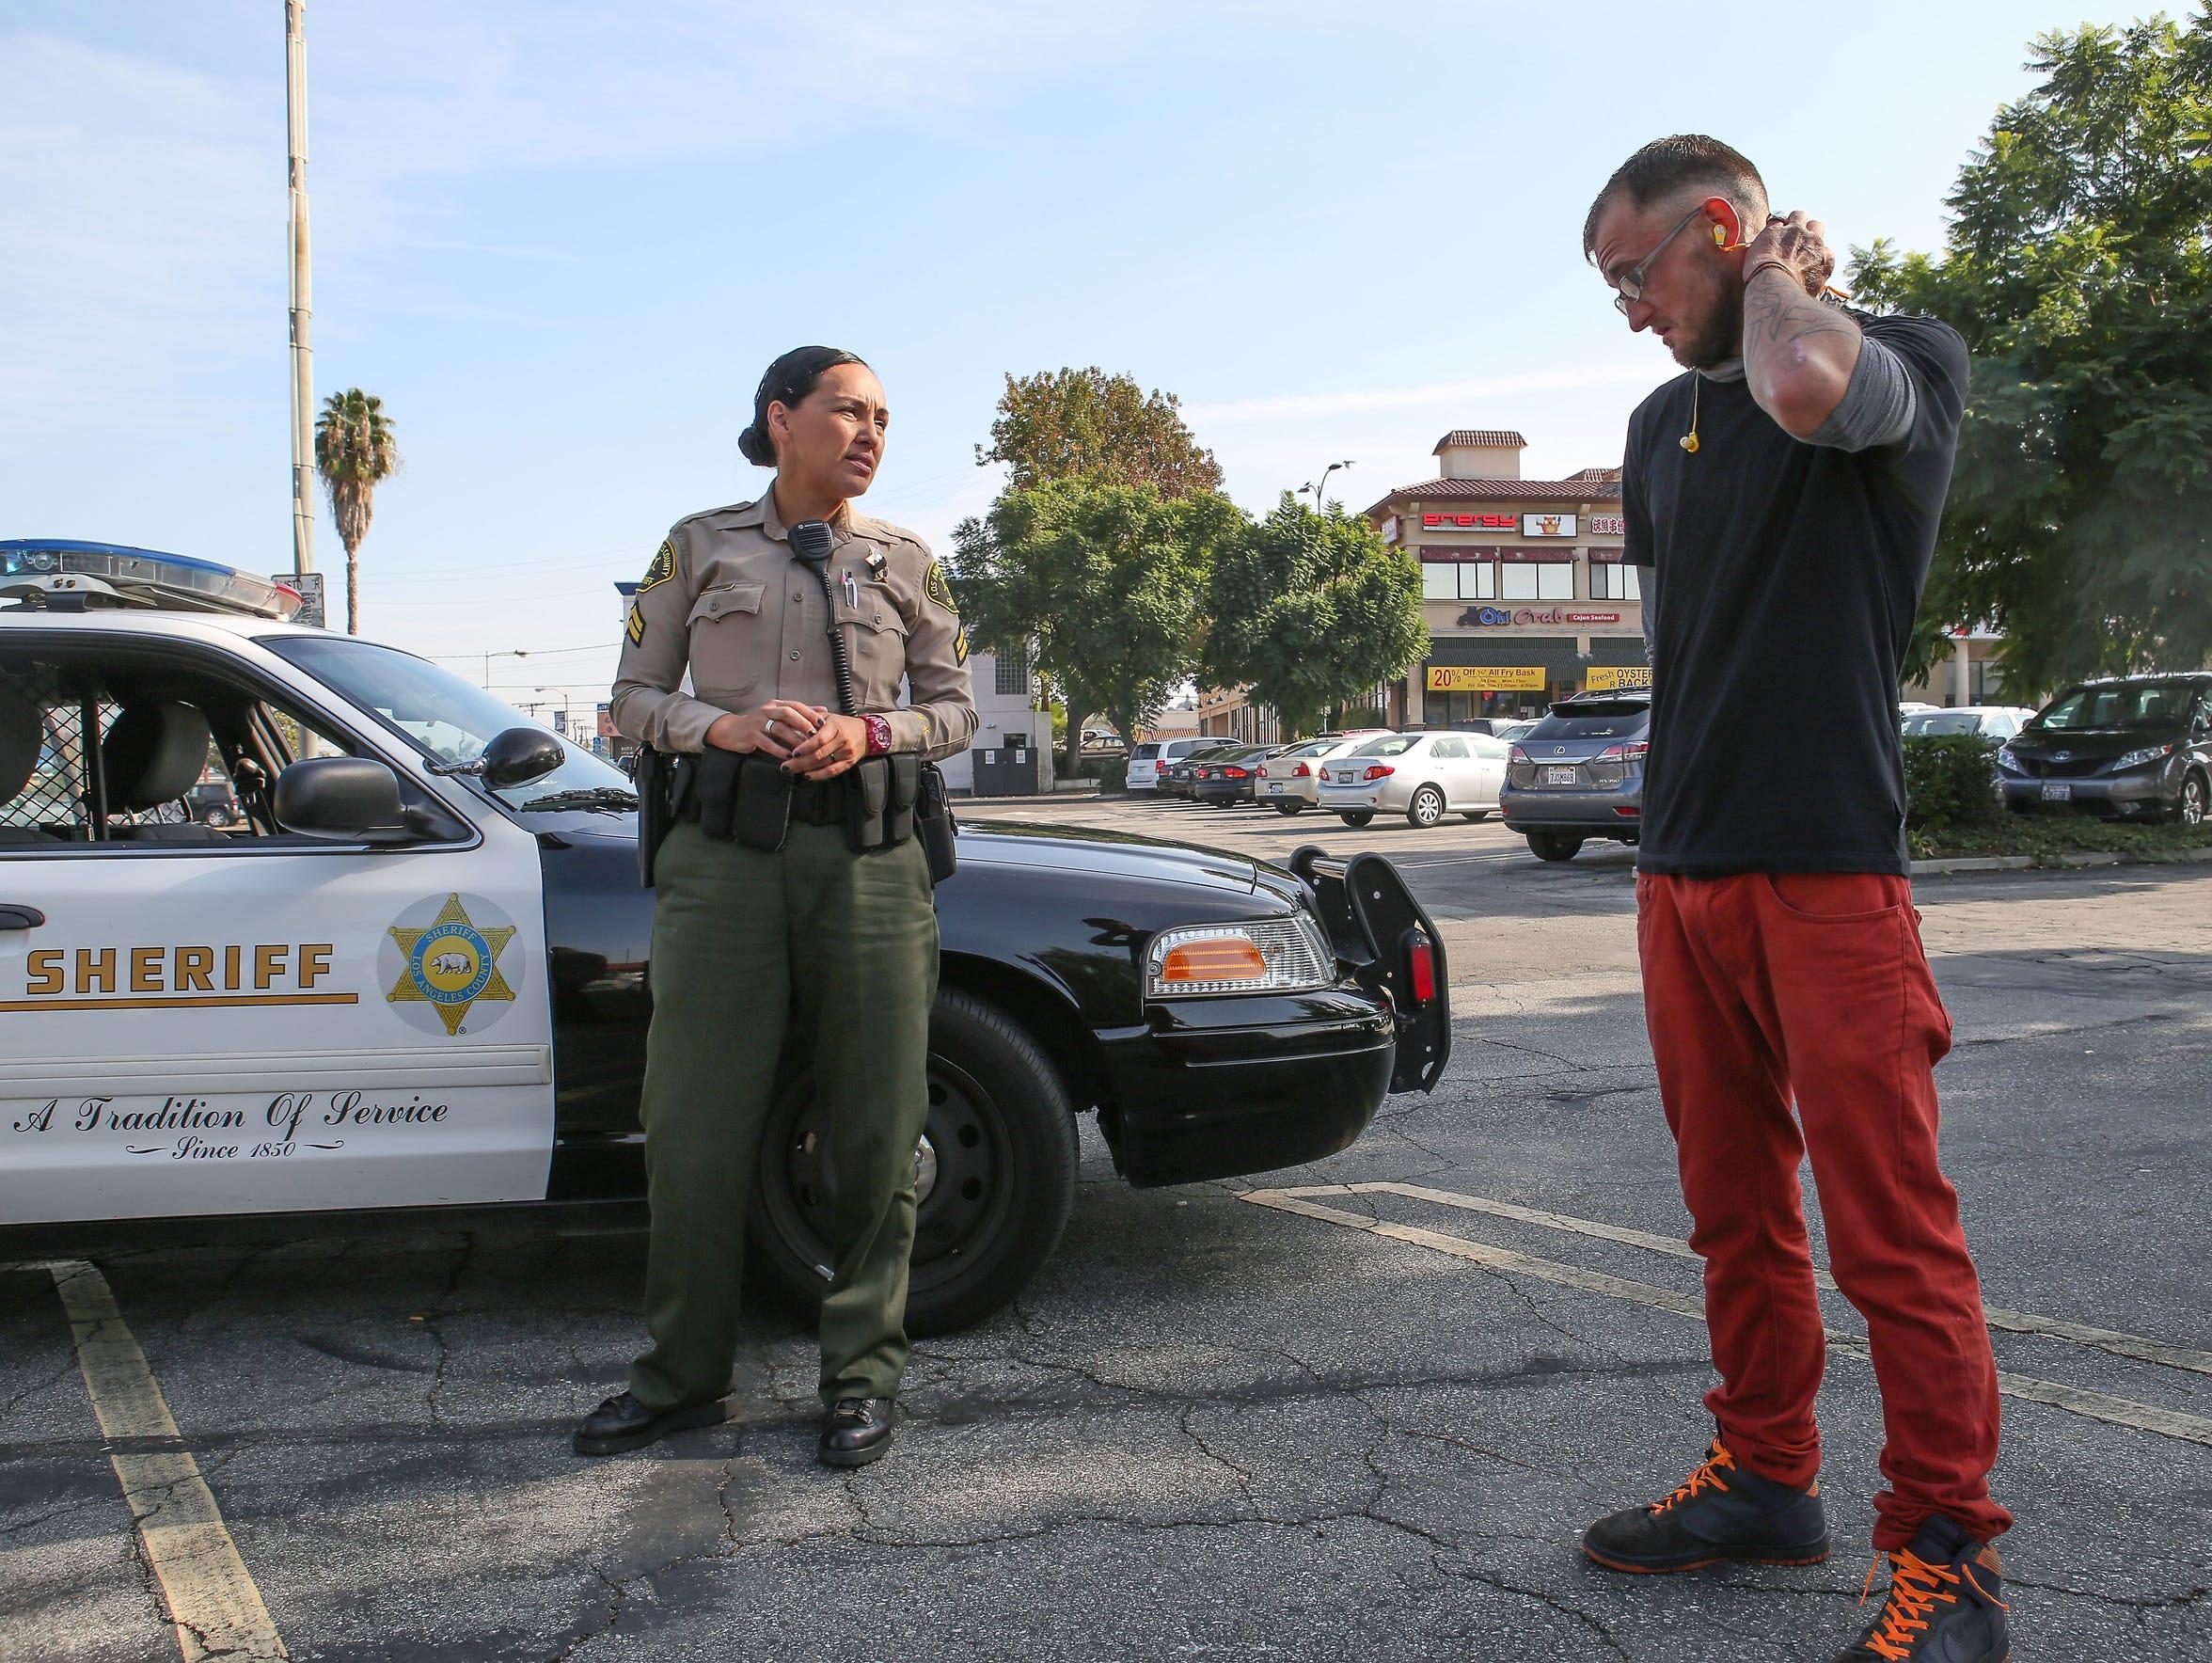 Los Angeles County Sheriff's deputy Joanne Arcos talks